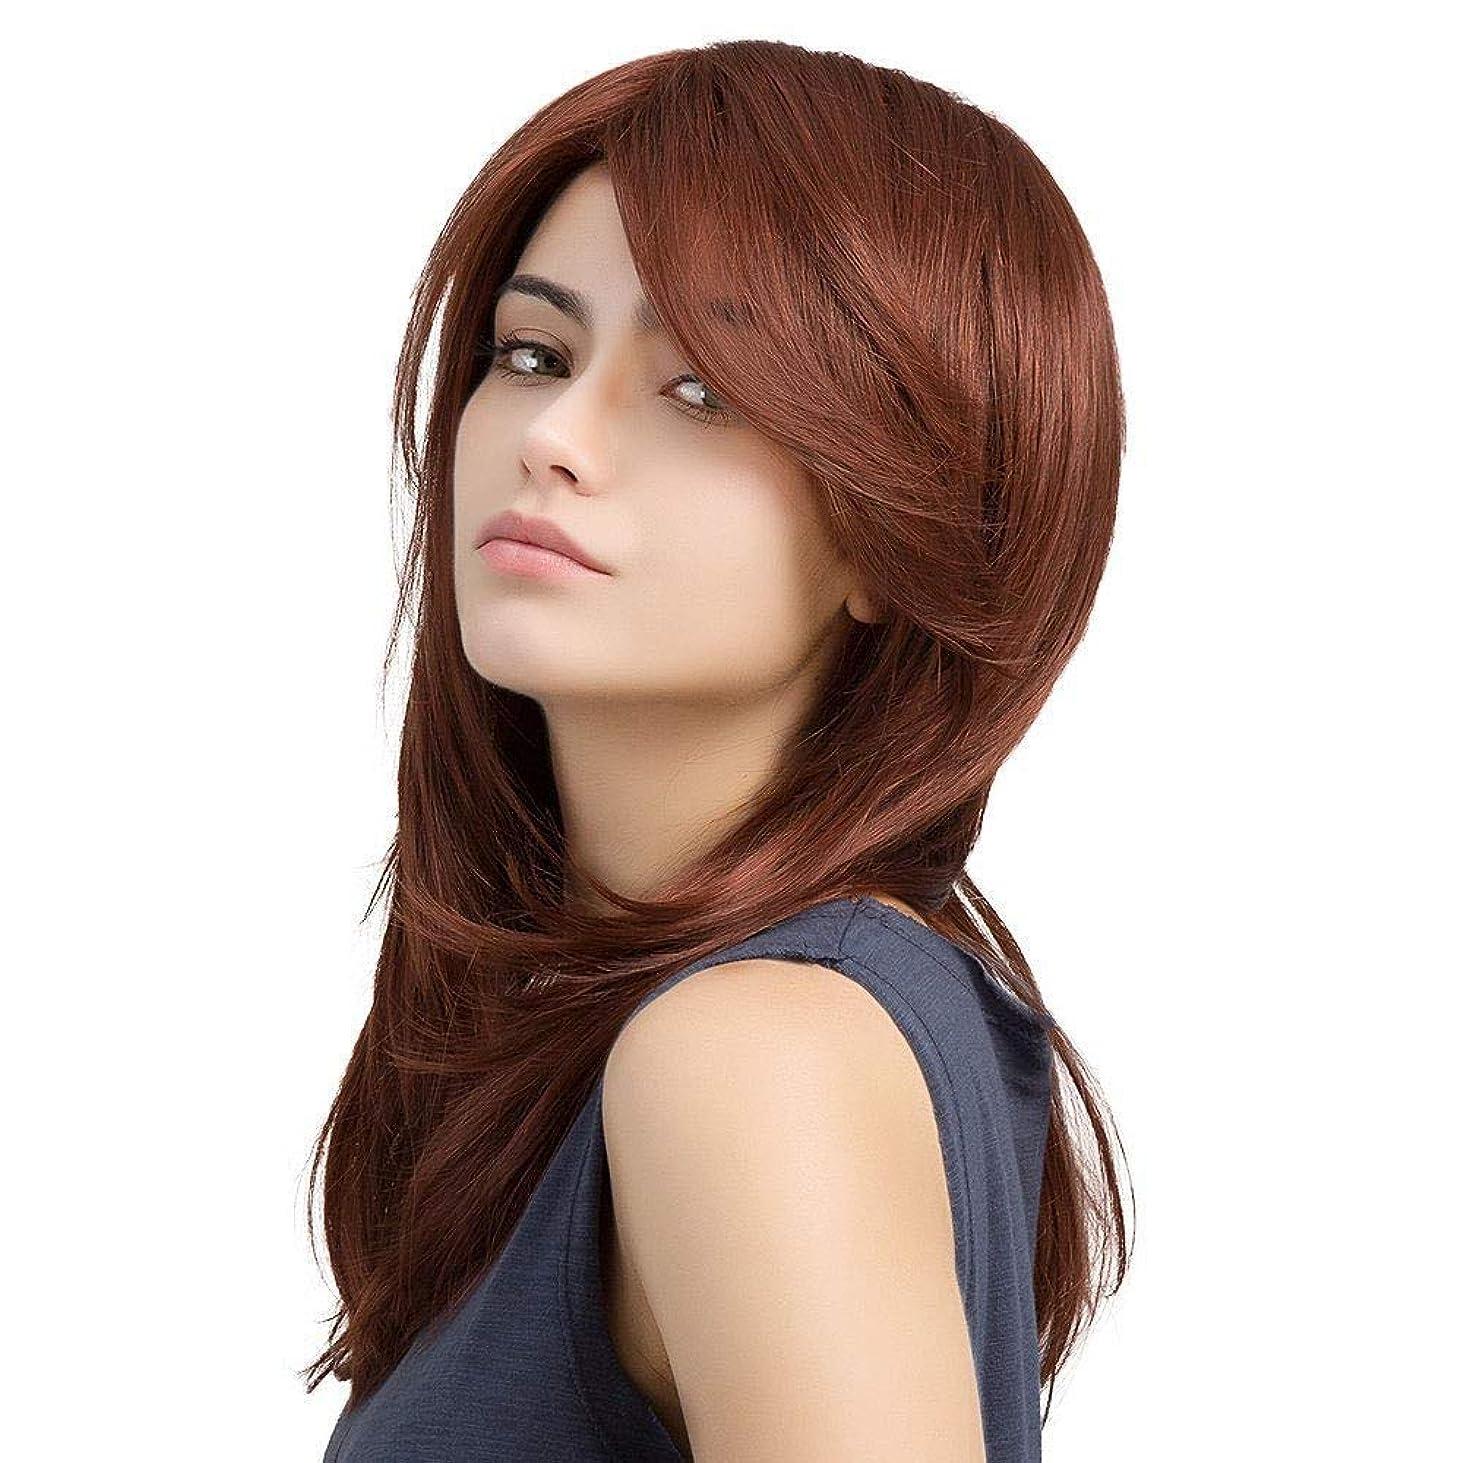 決定招待以下Yrattary 女性の斜め前髪長い巻き毛の赤と茶色の梨バックルロングヘア高温シルクウィッグ合成髪レースのかつらロールプレイングかつら (色 : Reddish brown, サイズ : 45cm)